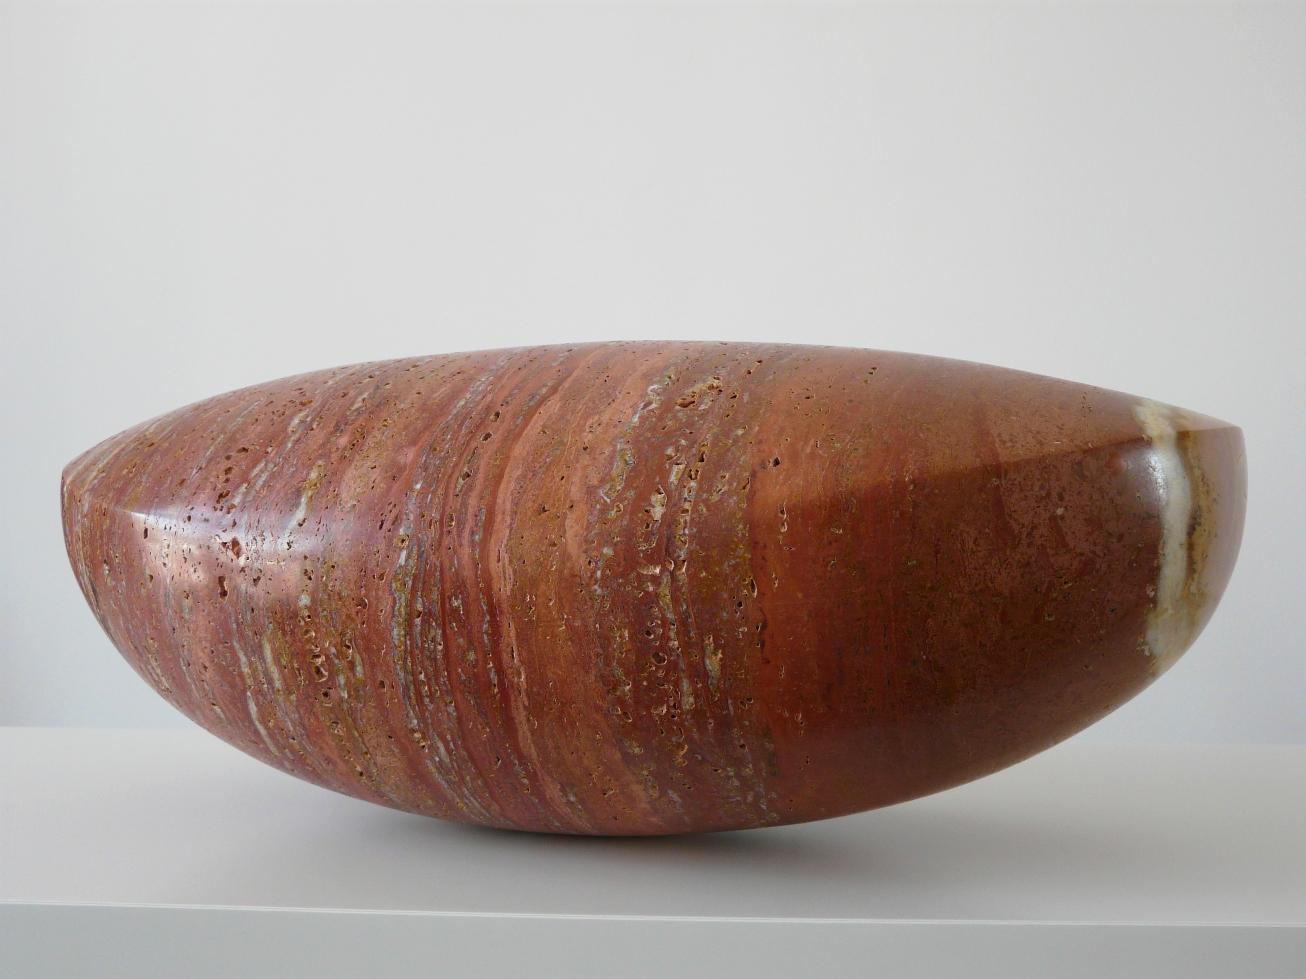 Cocon image